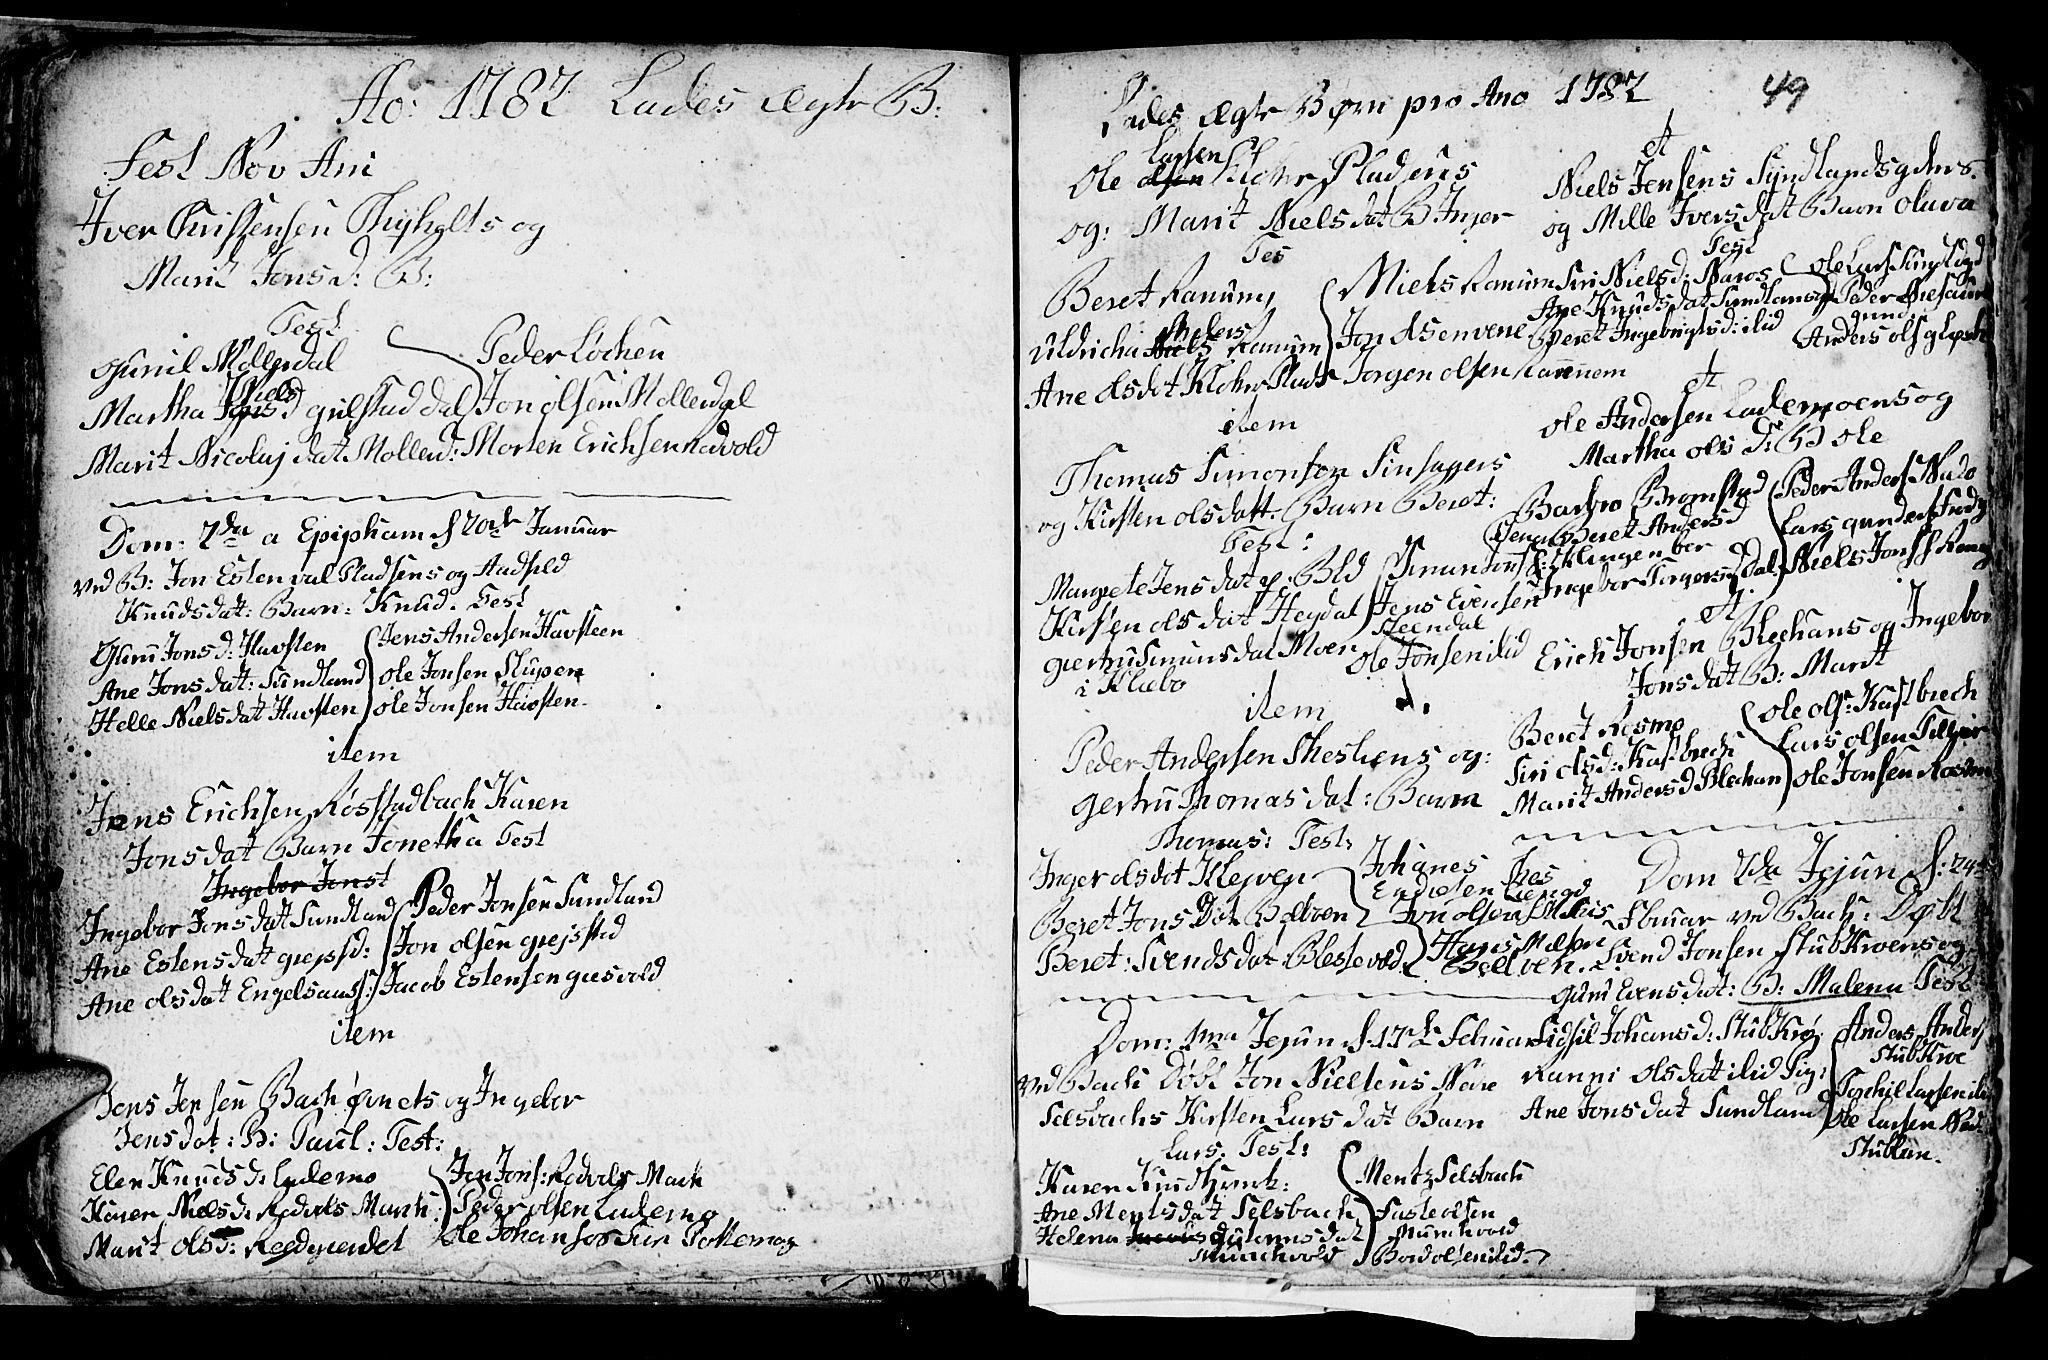 SAT, Ministerialprotokoller, klokkerbøker og fødselsregistre - Sør-Trøndelag, 606/L0305: Klokkerbok nr. 606C01, 1757-1819, s. 49